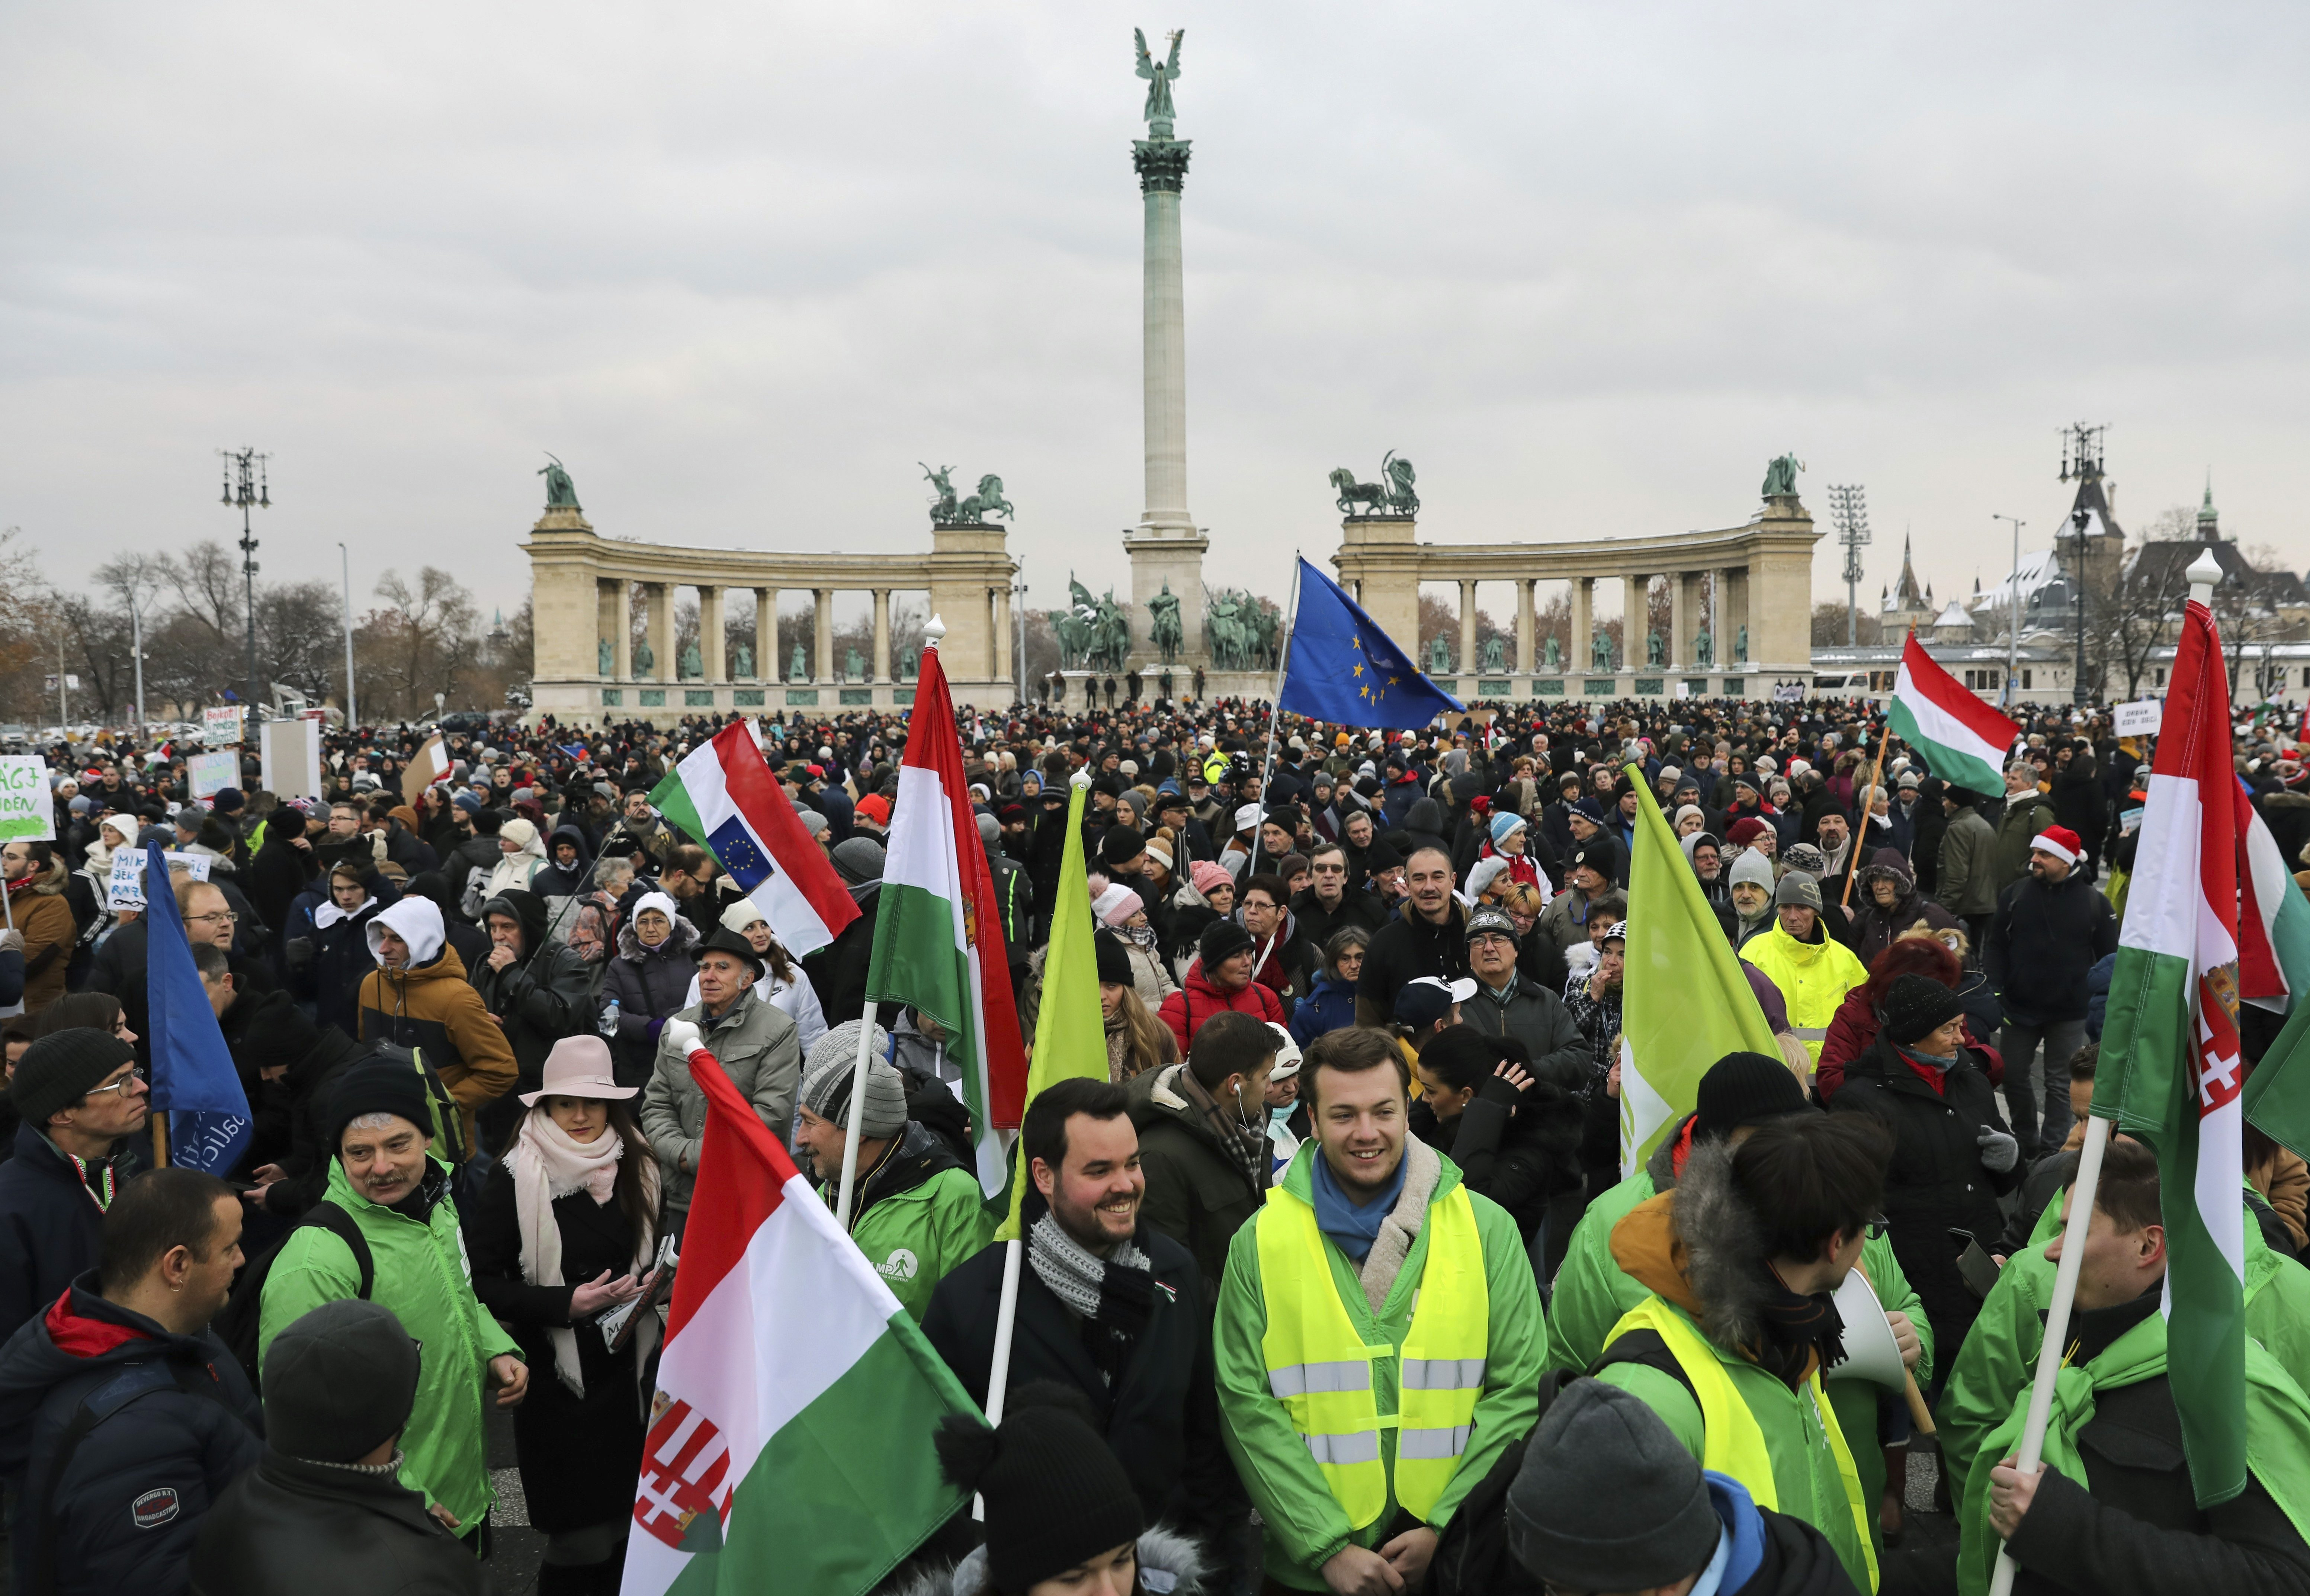 Presseschau: Proteste gegen das Überstundengesetz: Wendepunkt für die Linke oder unnütze Hysterie? post's picture